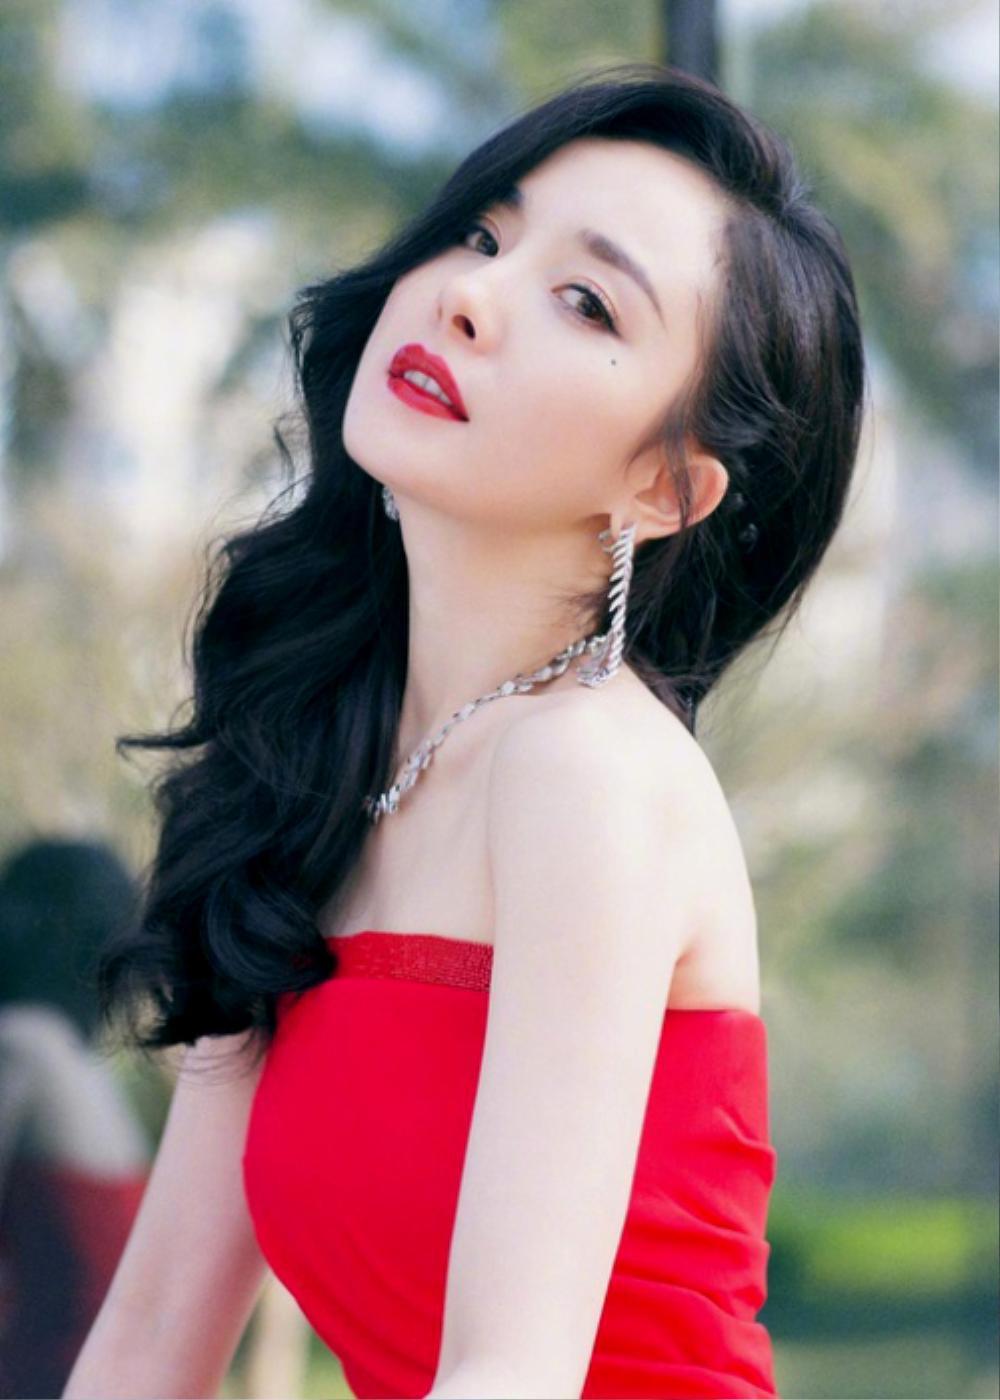 Chồng cũ Dương Mịch kết hôn với người tình kém 19 tuổi, lại còn 'ăn cơm trước kẻng'? Ảnh 9